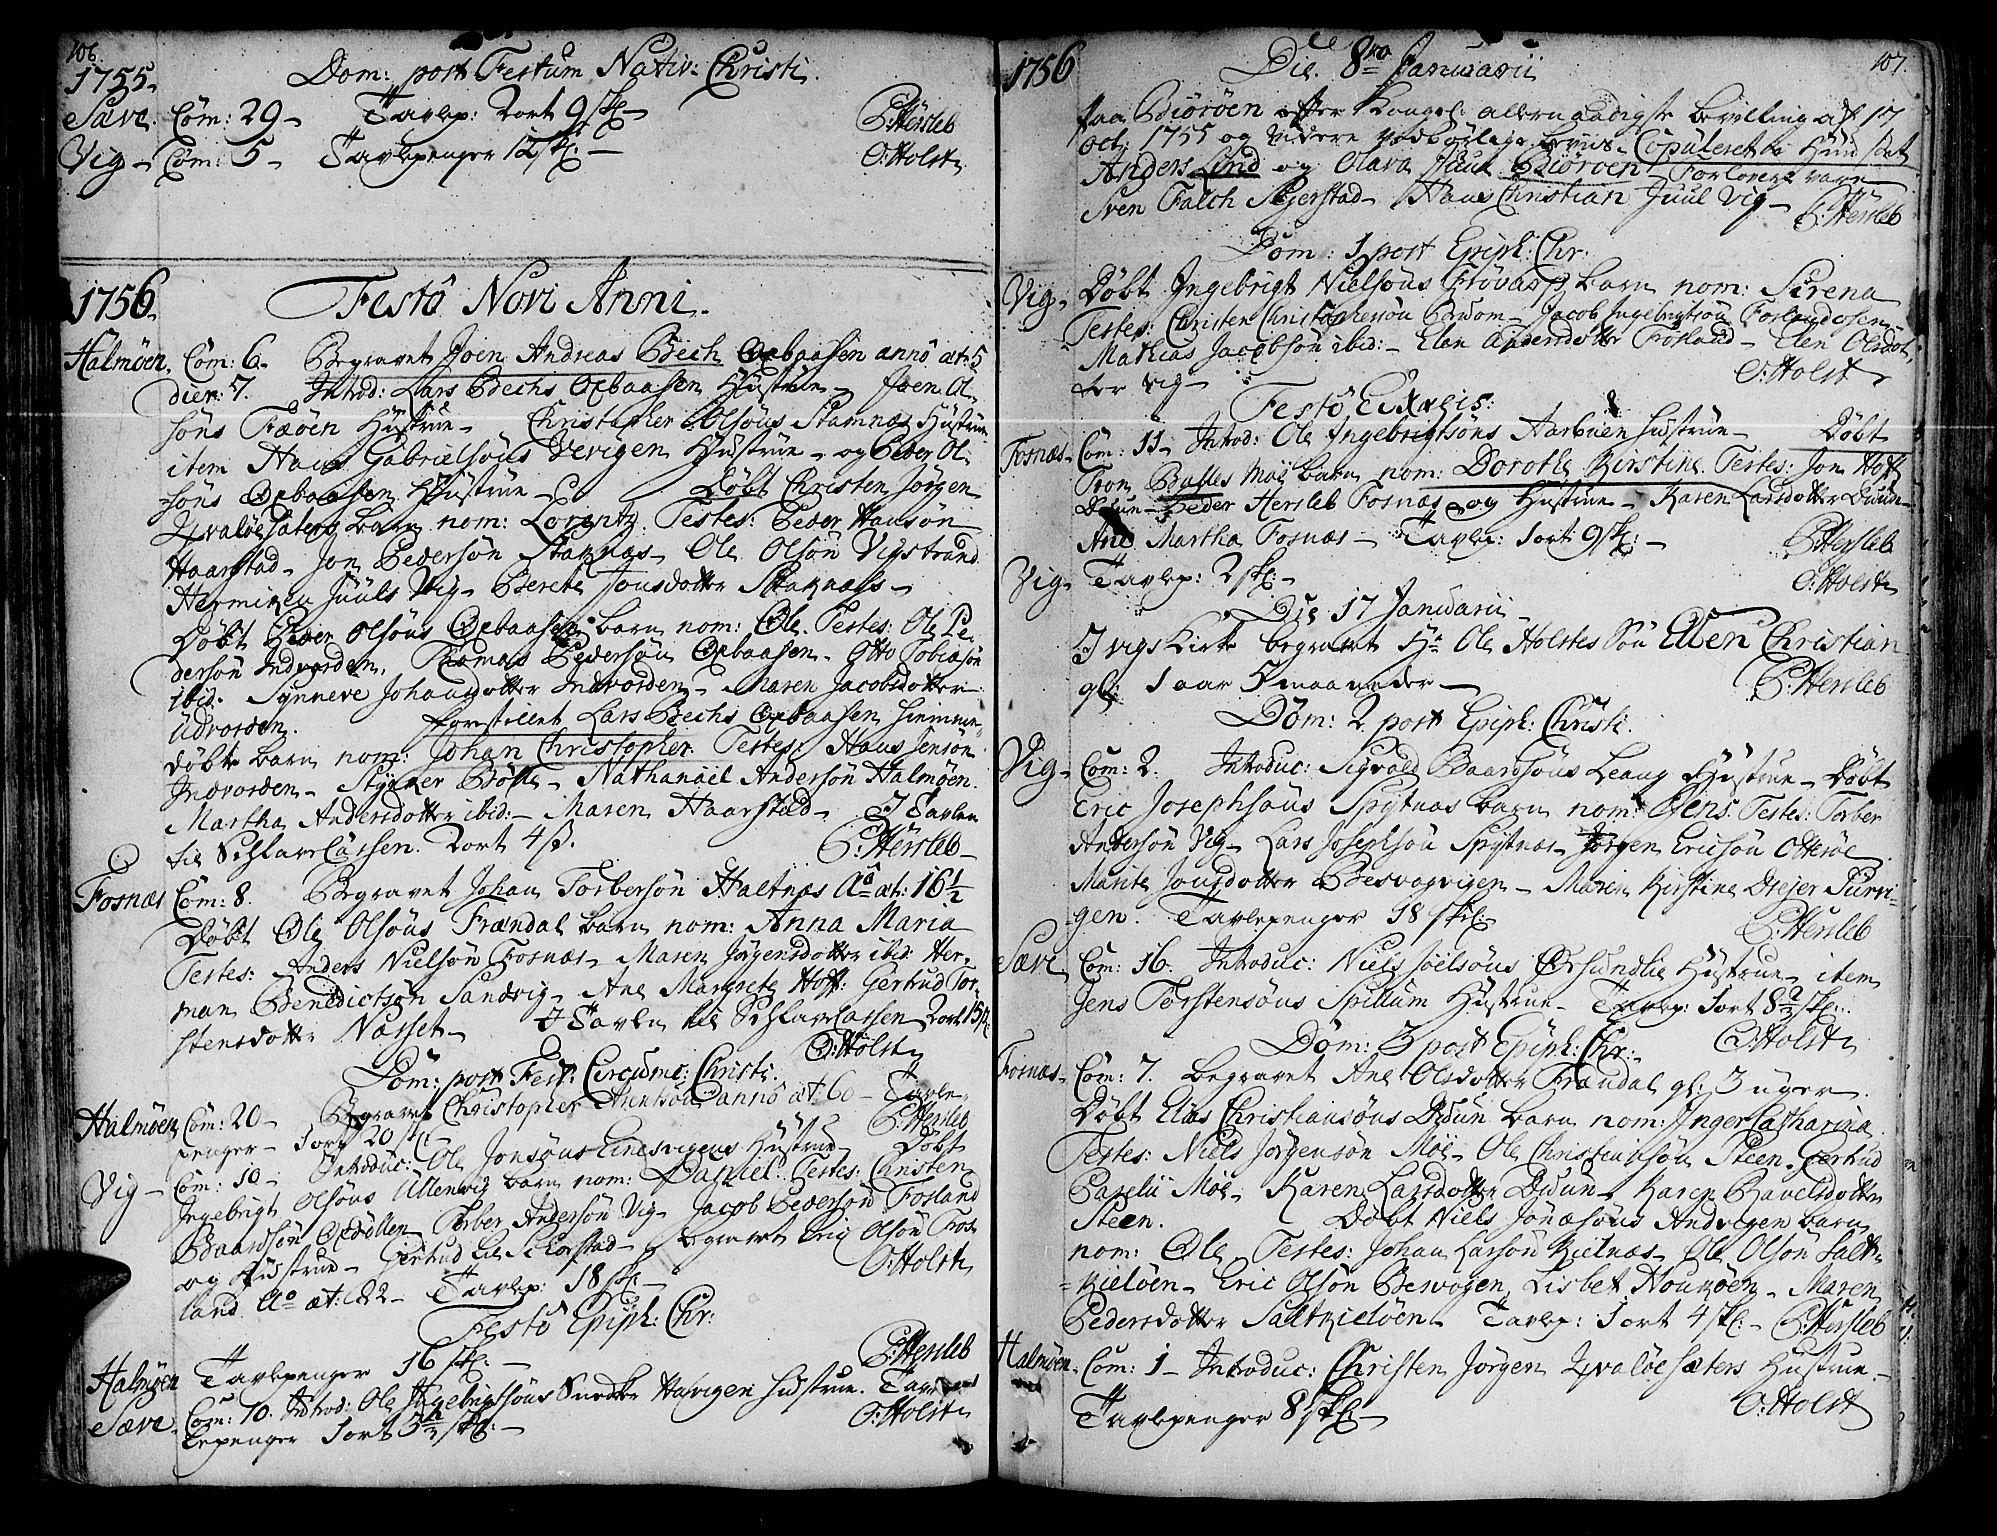 SAT, Ministerialprotokoller, klokkerbøker og fødselsregistre - Nord-Trøndelag, 773/L0607: Ministerialbok nr. 773A01, 1751-1783, s. 106-107